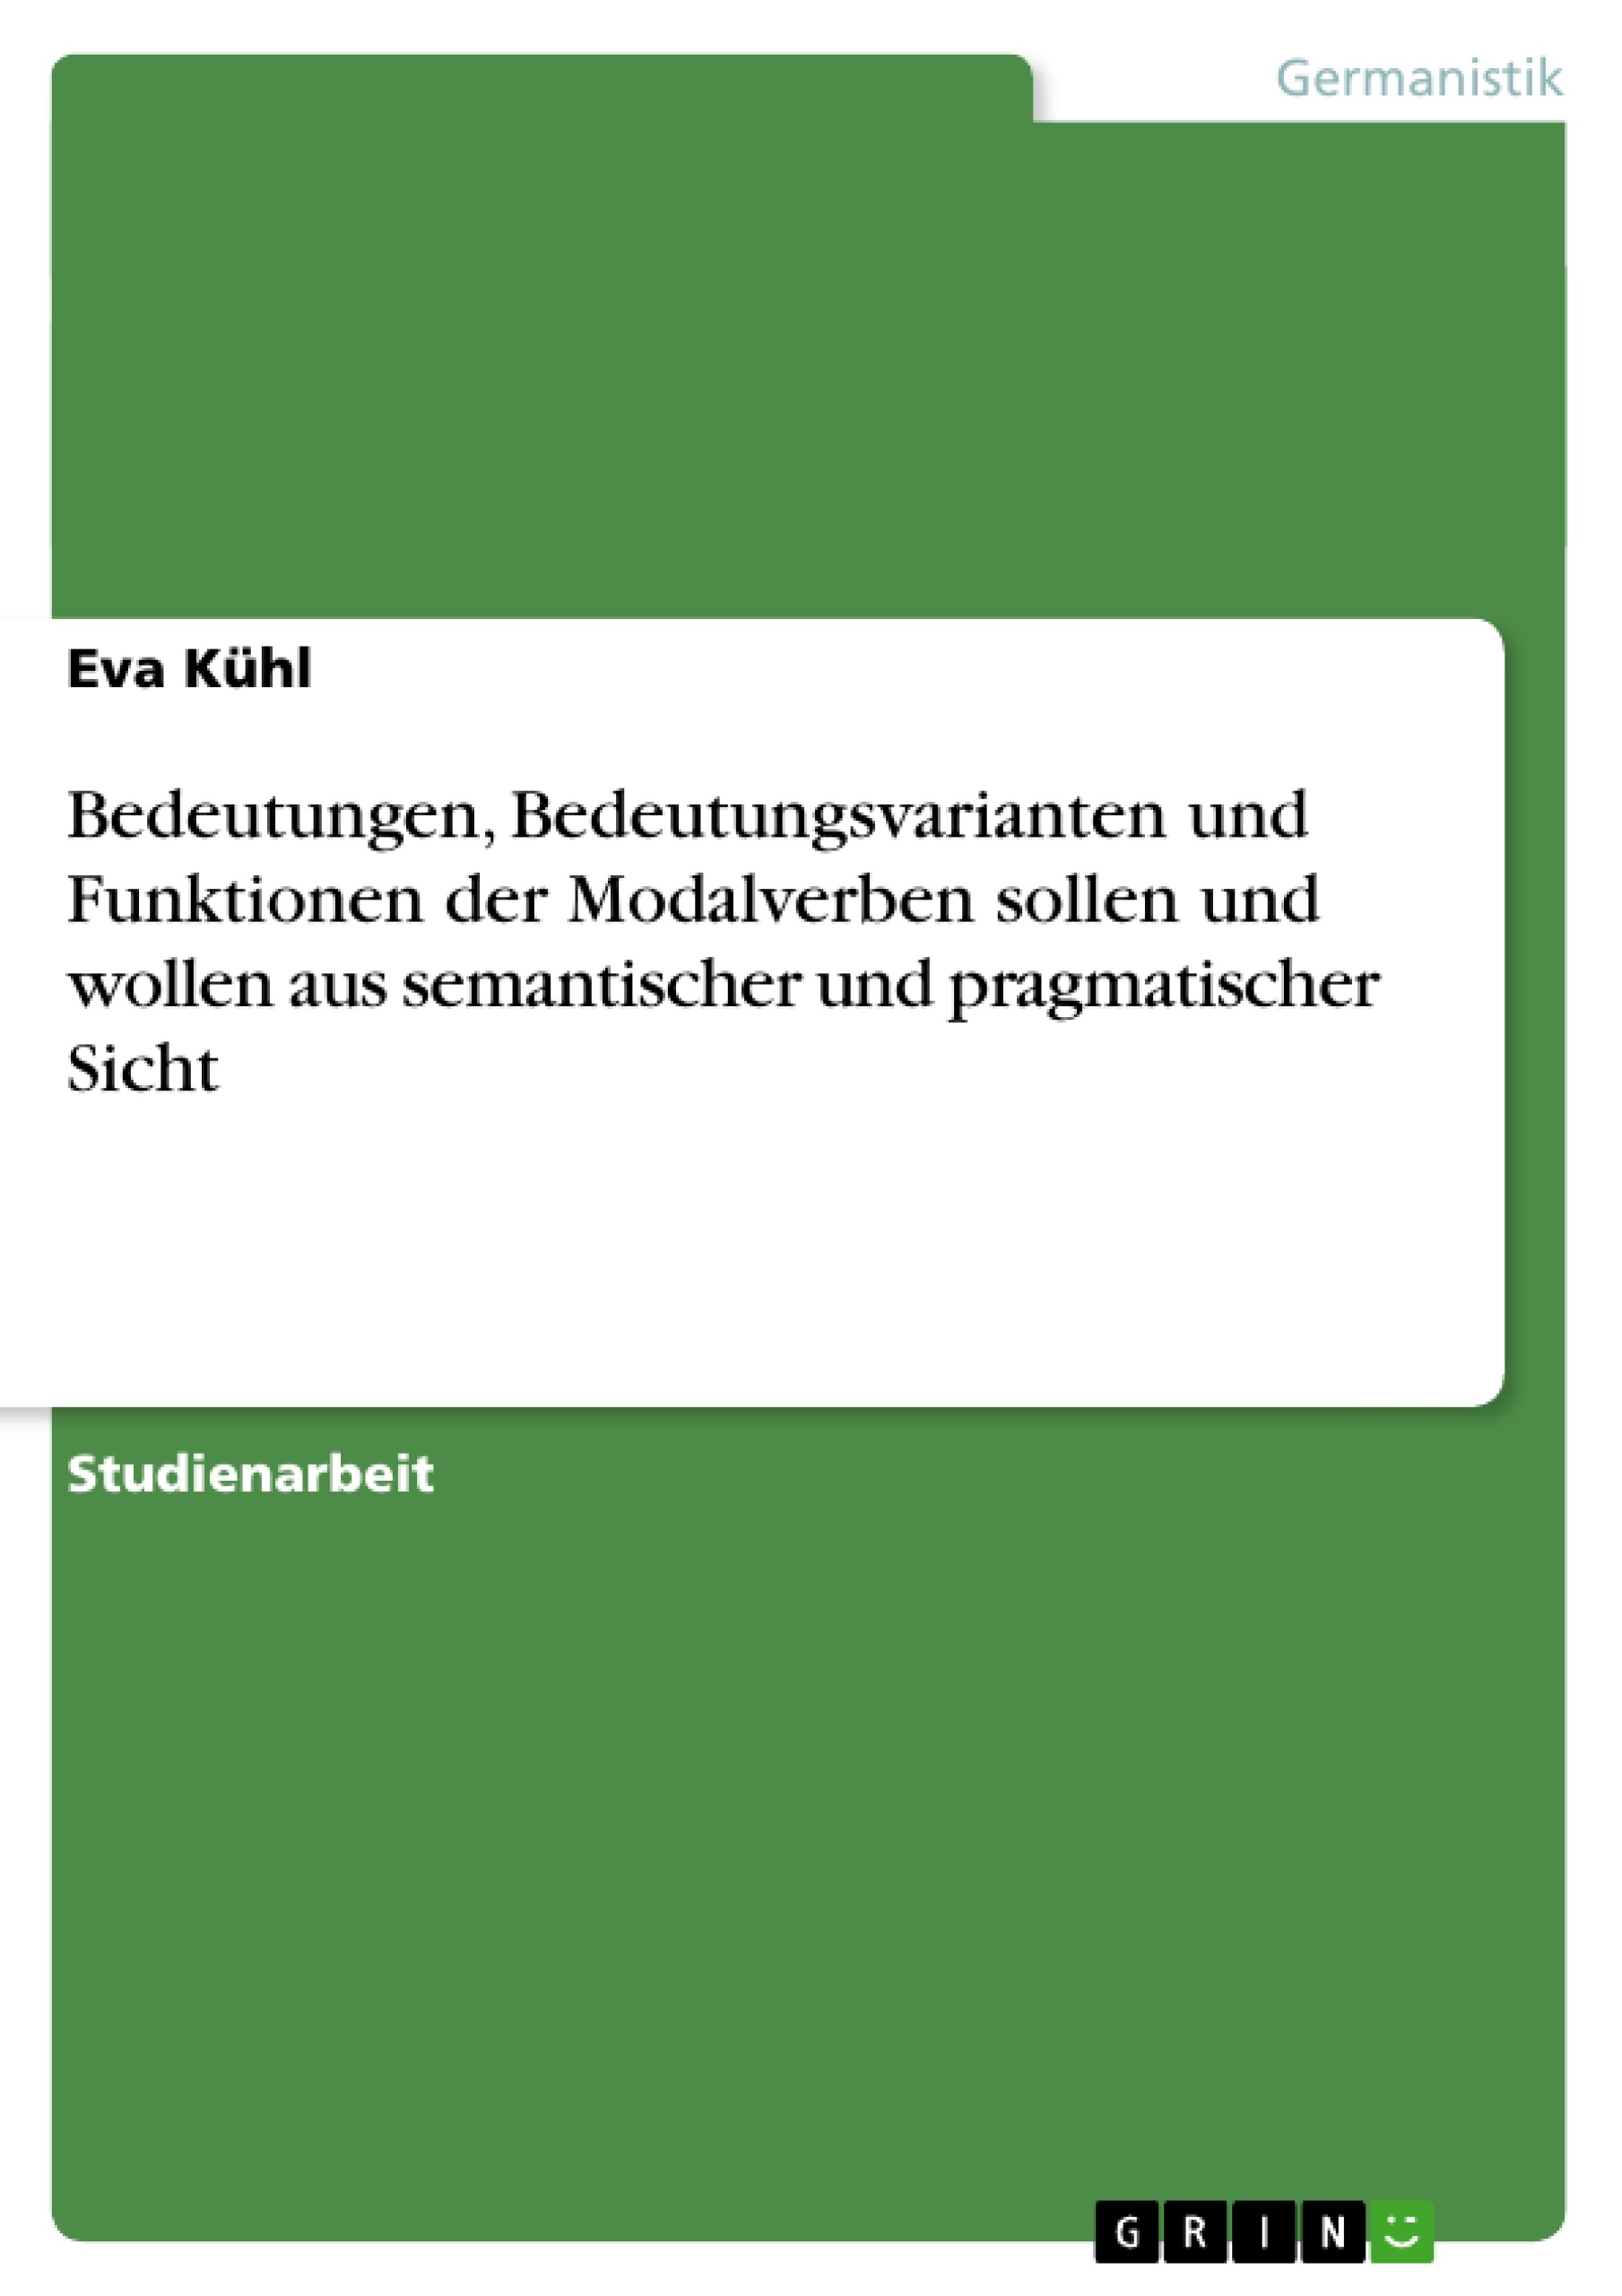 Titel: Bedeutungen, Bedeutungsvarianten und Funktionen der Modalverben sollen und wollen aus semantischer und pragmatischer Sicht